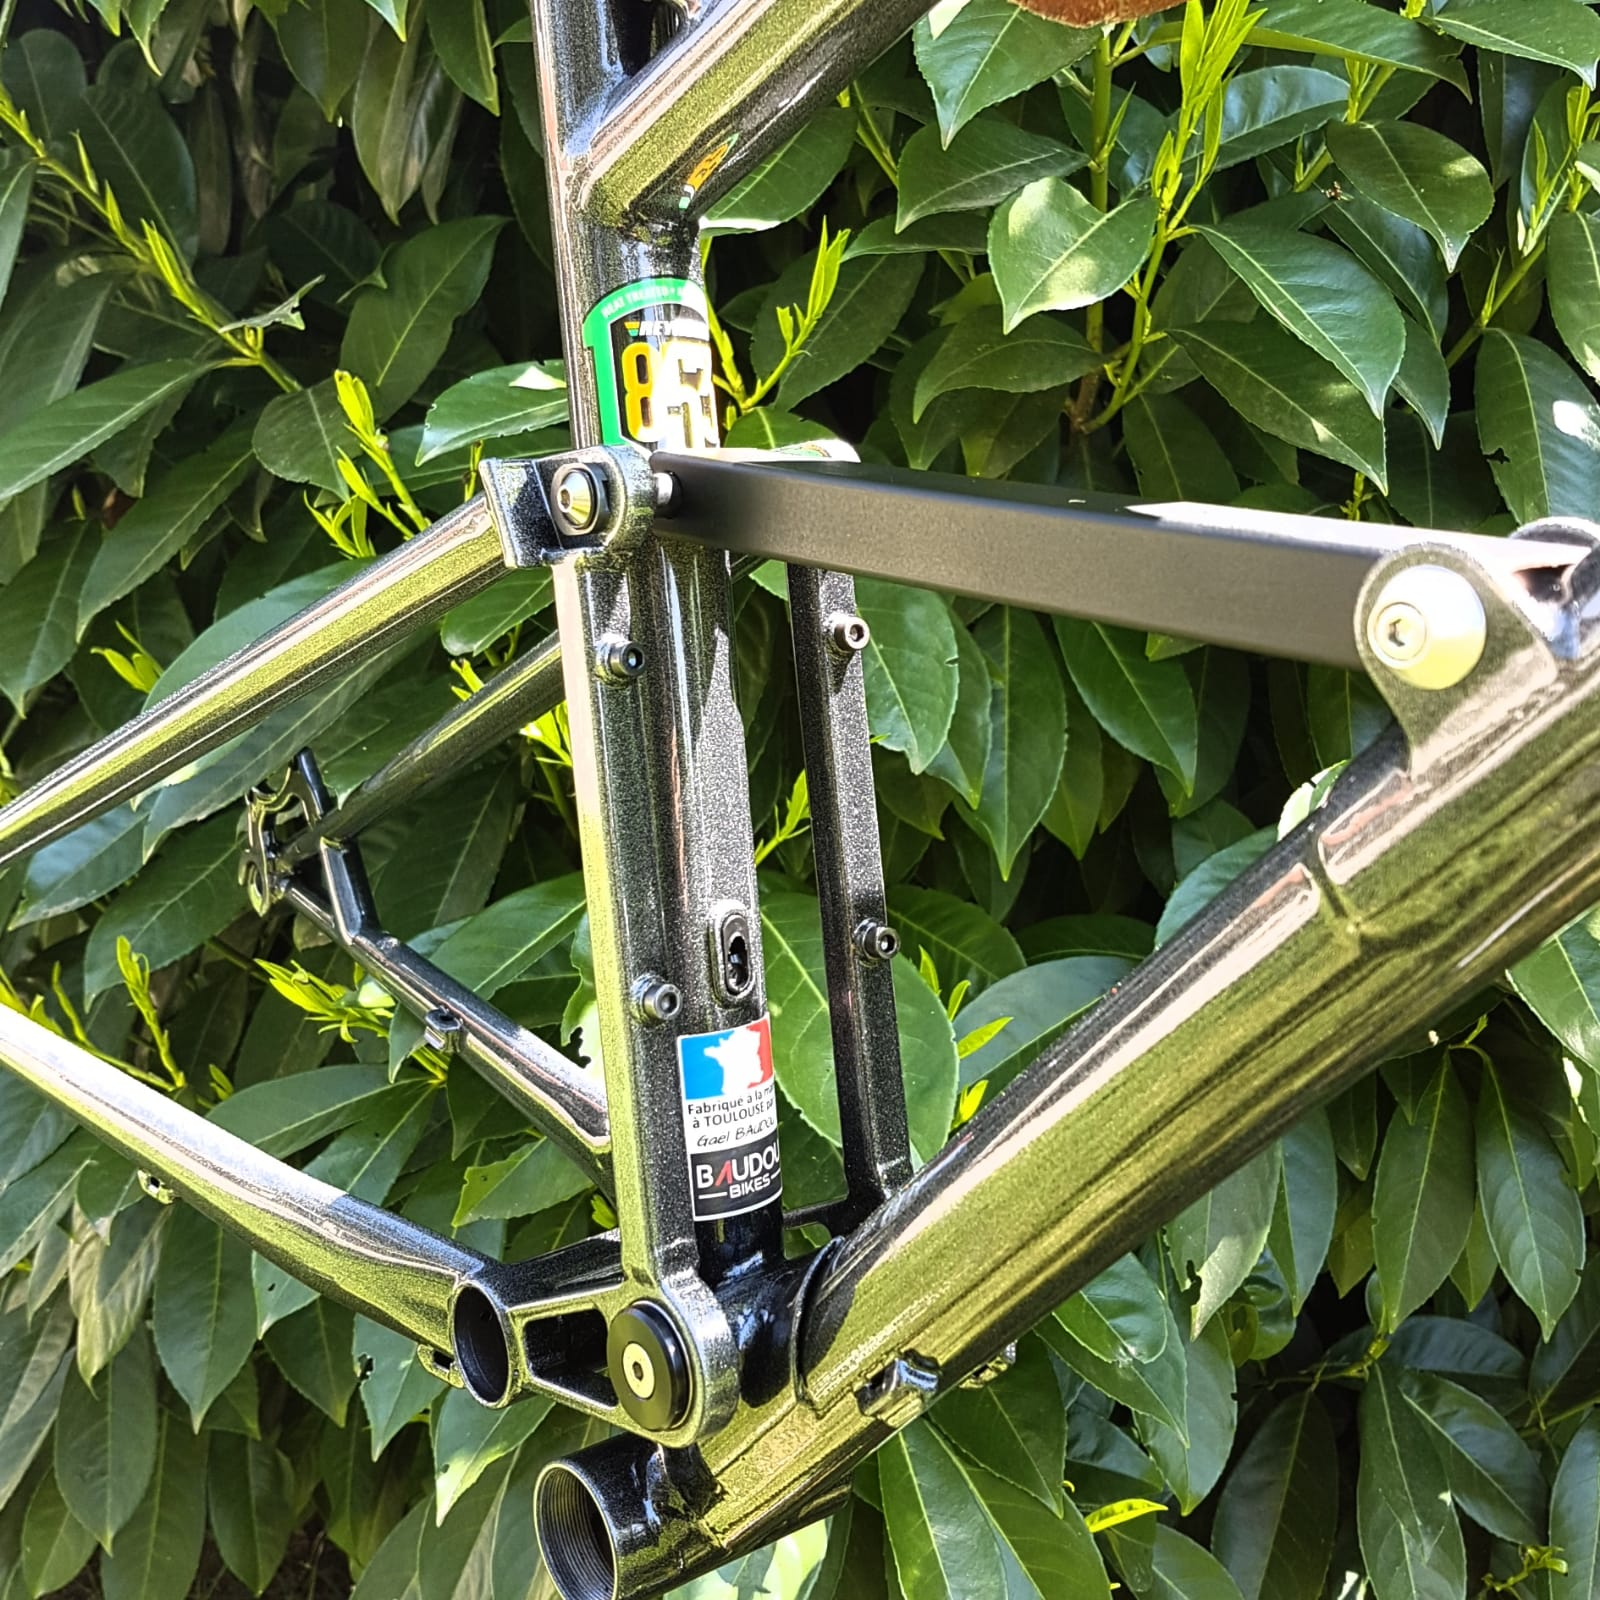 Baudou_bikes_tout_suspendu_pivot_fini2